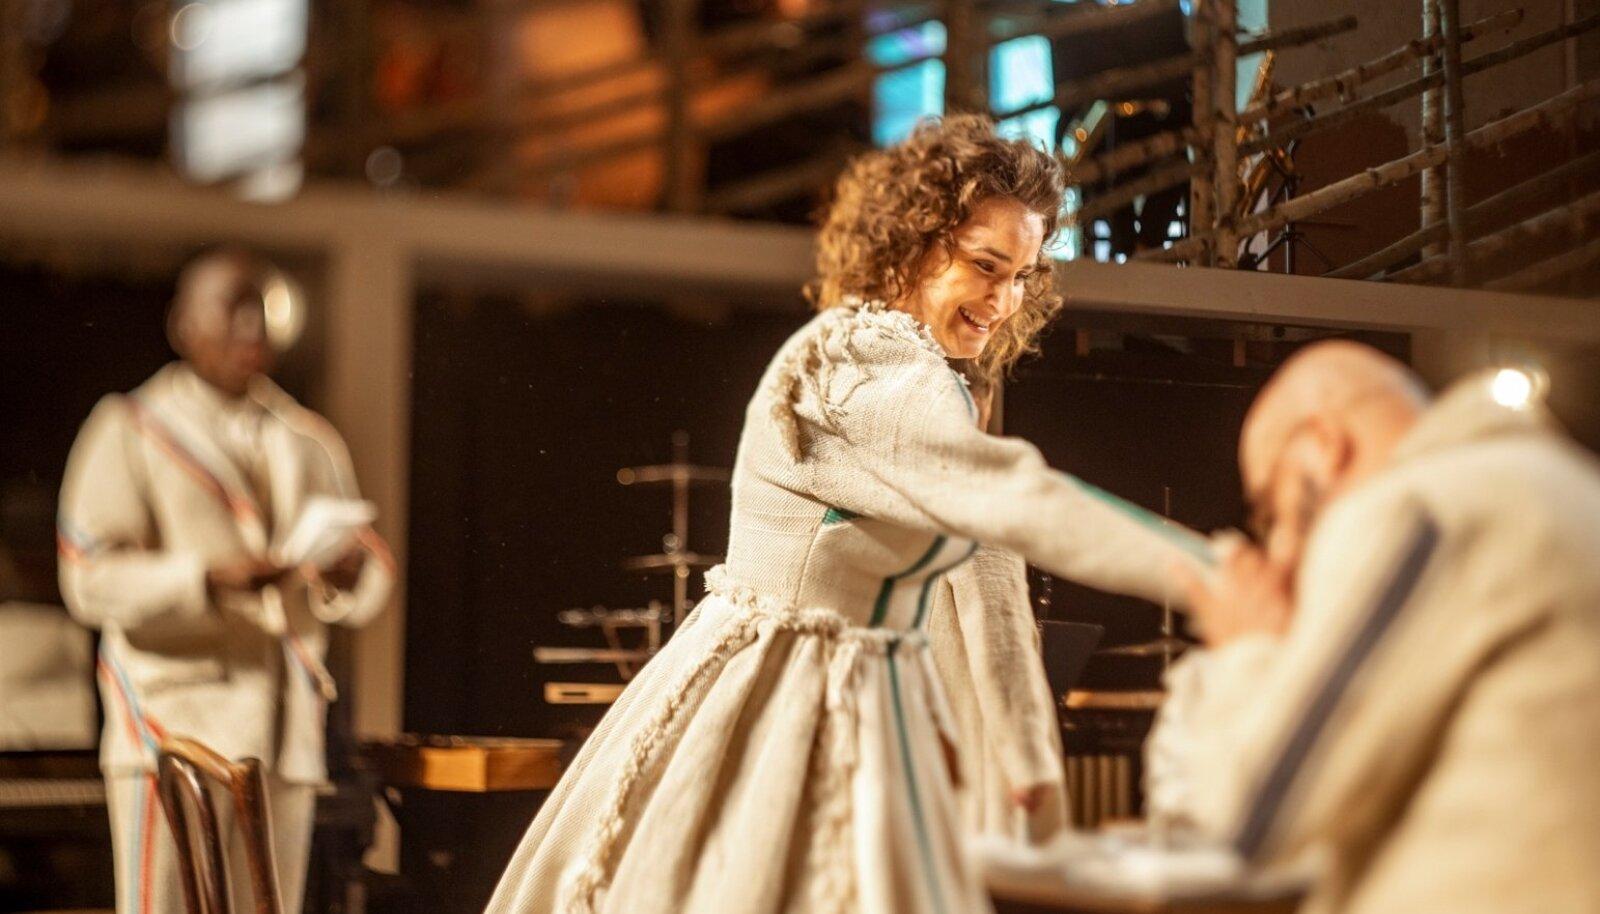 150 aastat tagasi: Lydia Koidula (Maria Listra) kätt suudleb Carl Robert Jakobson (Märt Jakobson). Kätt suudelda mõned eestlased tollal juba oskasid, aga naisi eesti rahva esimesel laulupeol veel laulma ei lastud.